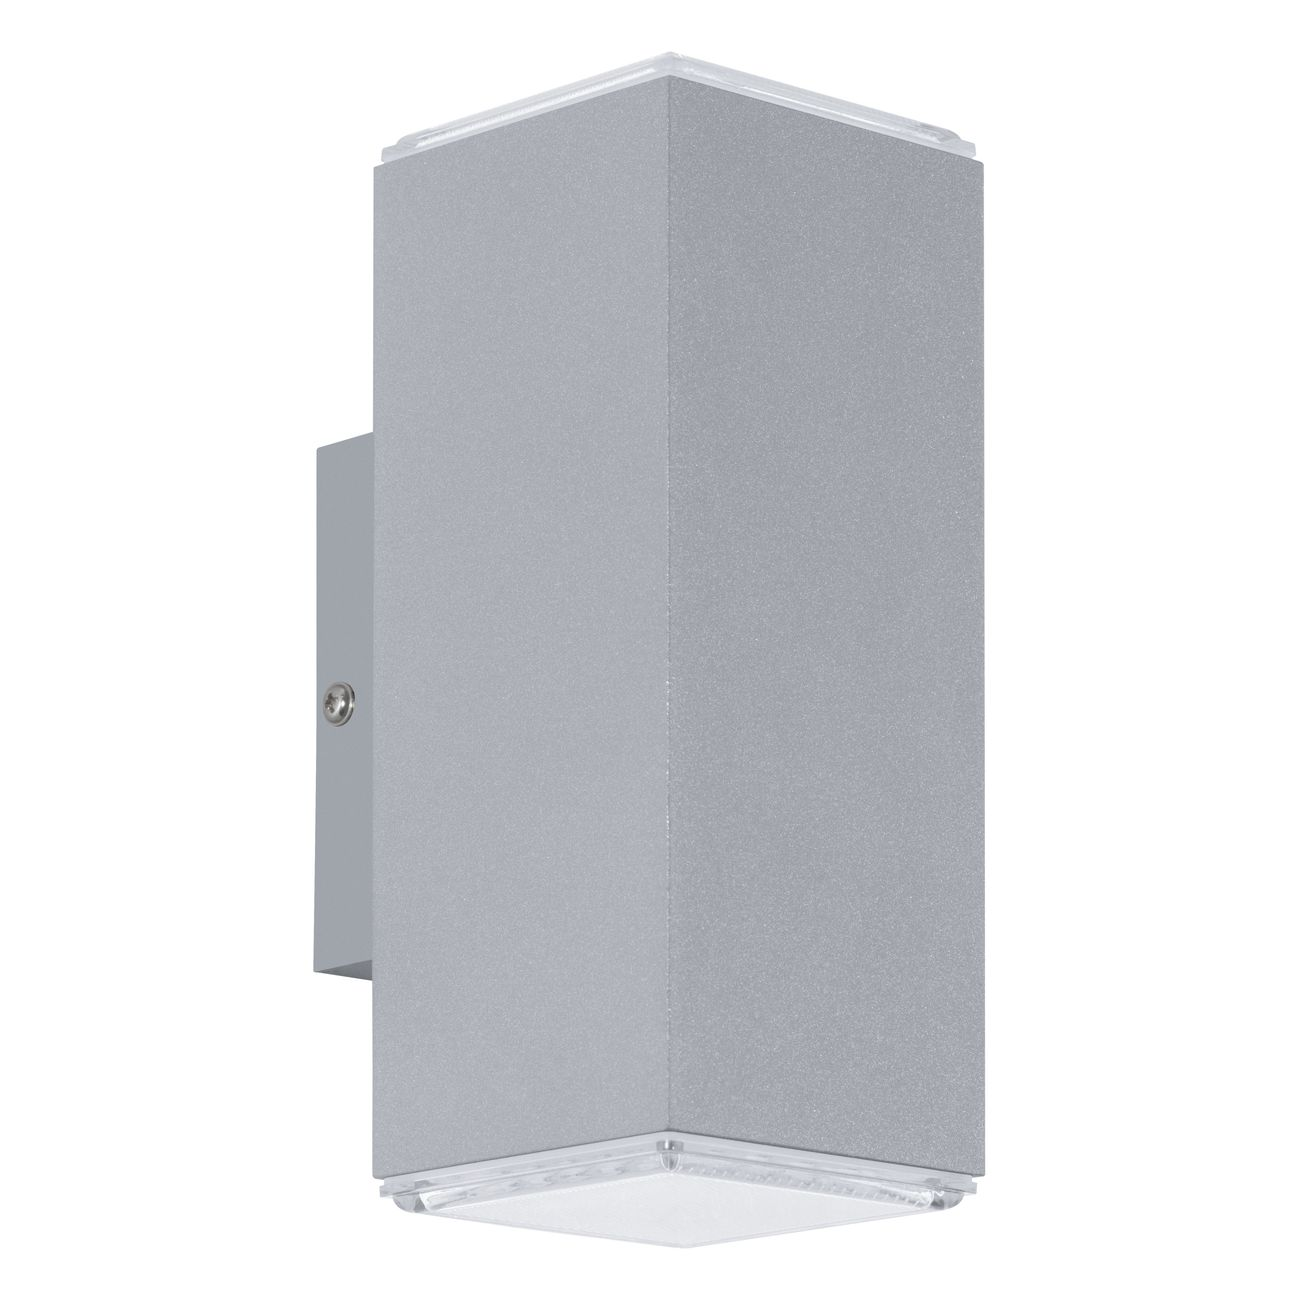 Aplica de exterior cu LED Eglo Modern Tabo 2x3.7W 7.5x7.5x19.5cm aluminiu imagine sensodays.ro